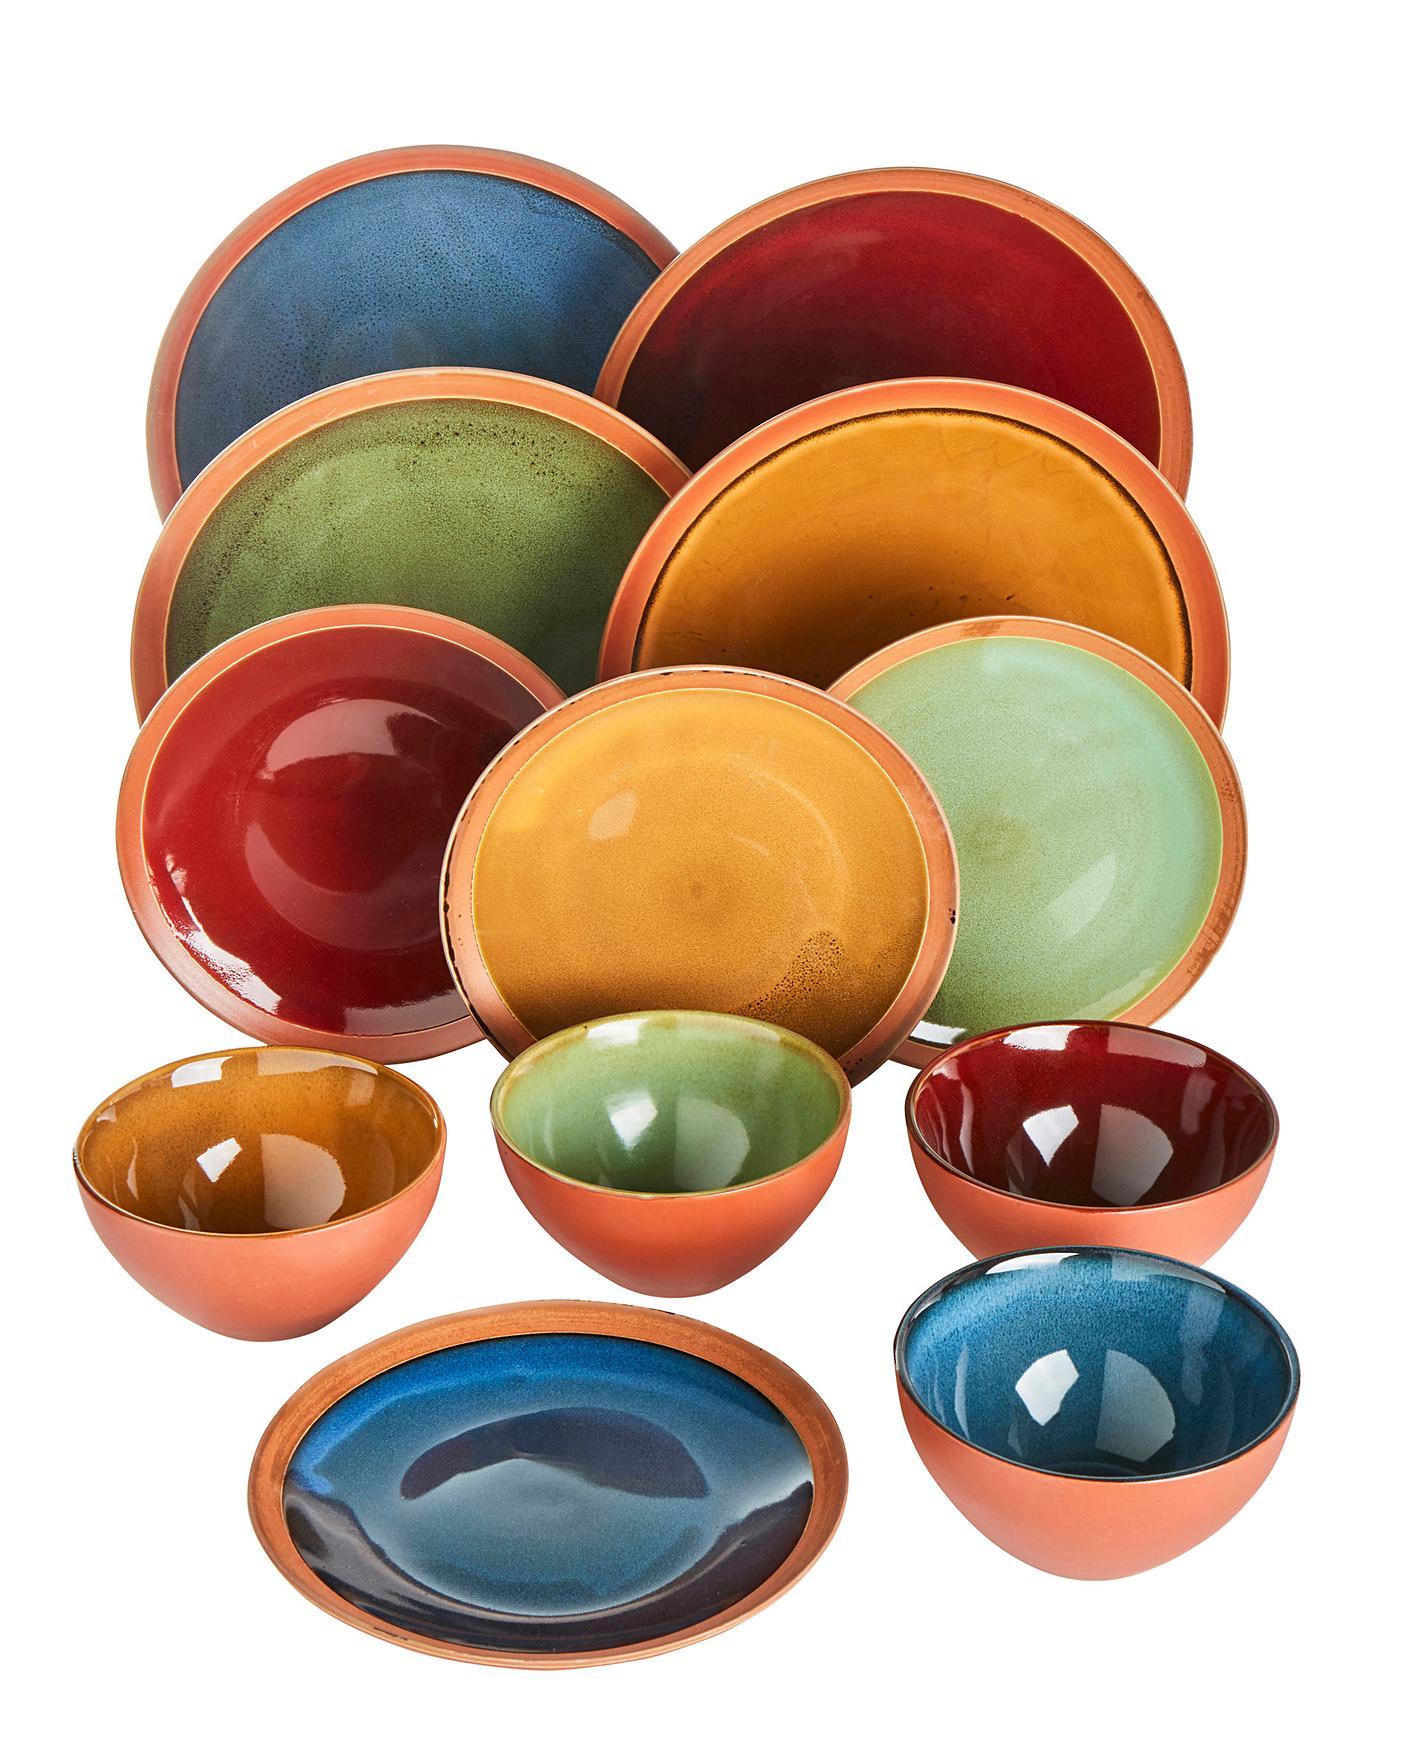 Terracotta Glaze 12 Piece Dinner Set